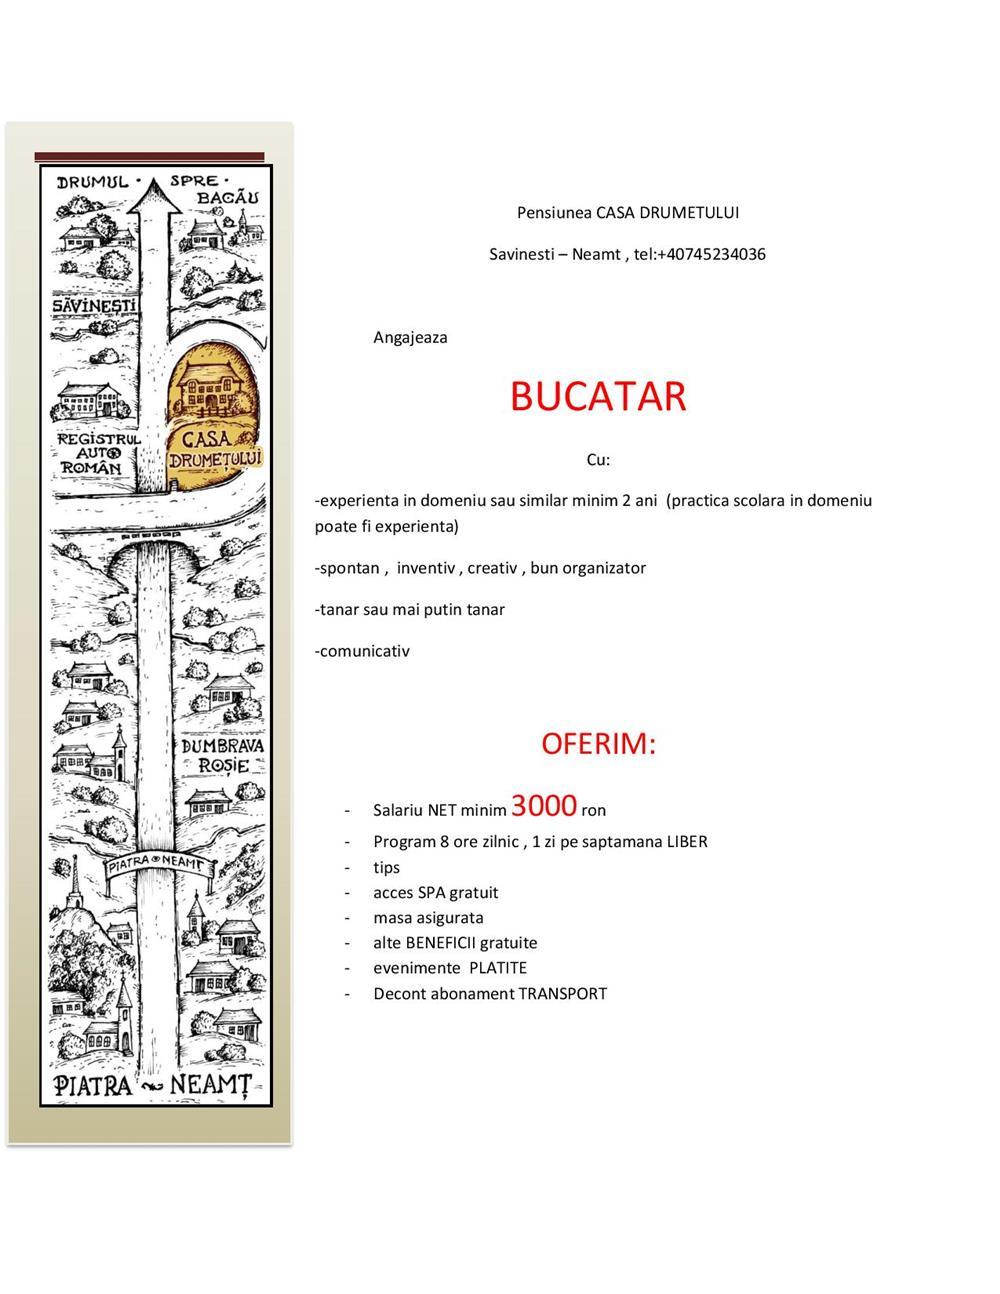 BUCATAR